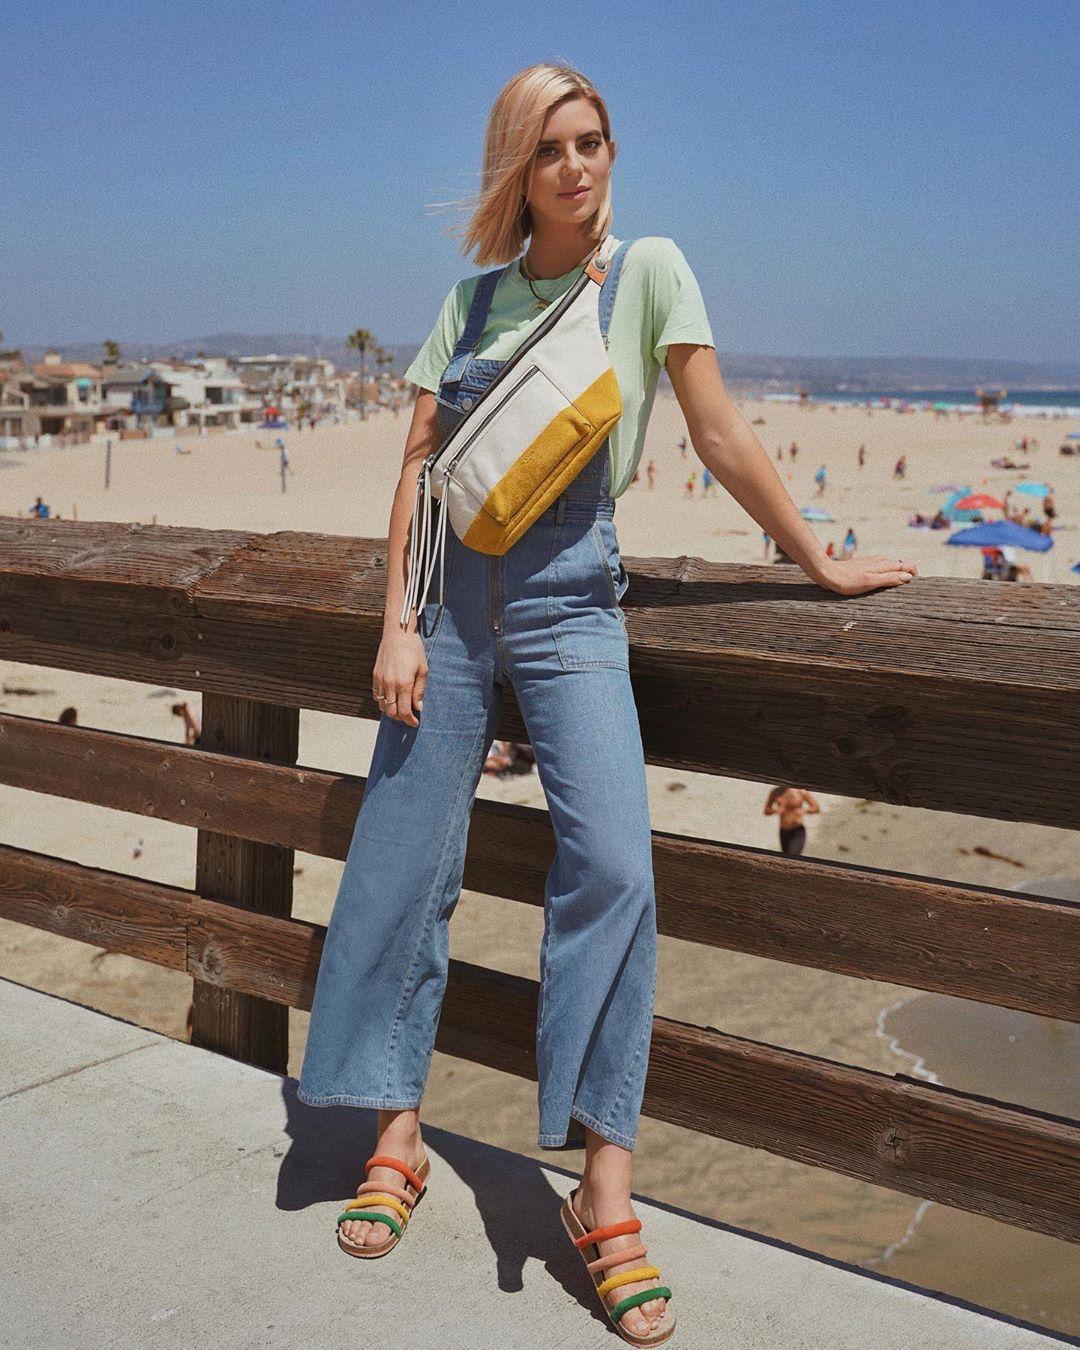 Cô gái mặc áo thun, quần jeans, mang dép nữ nhiều màu